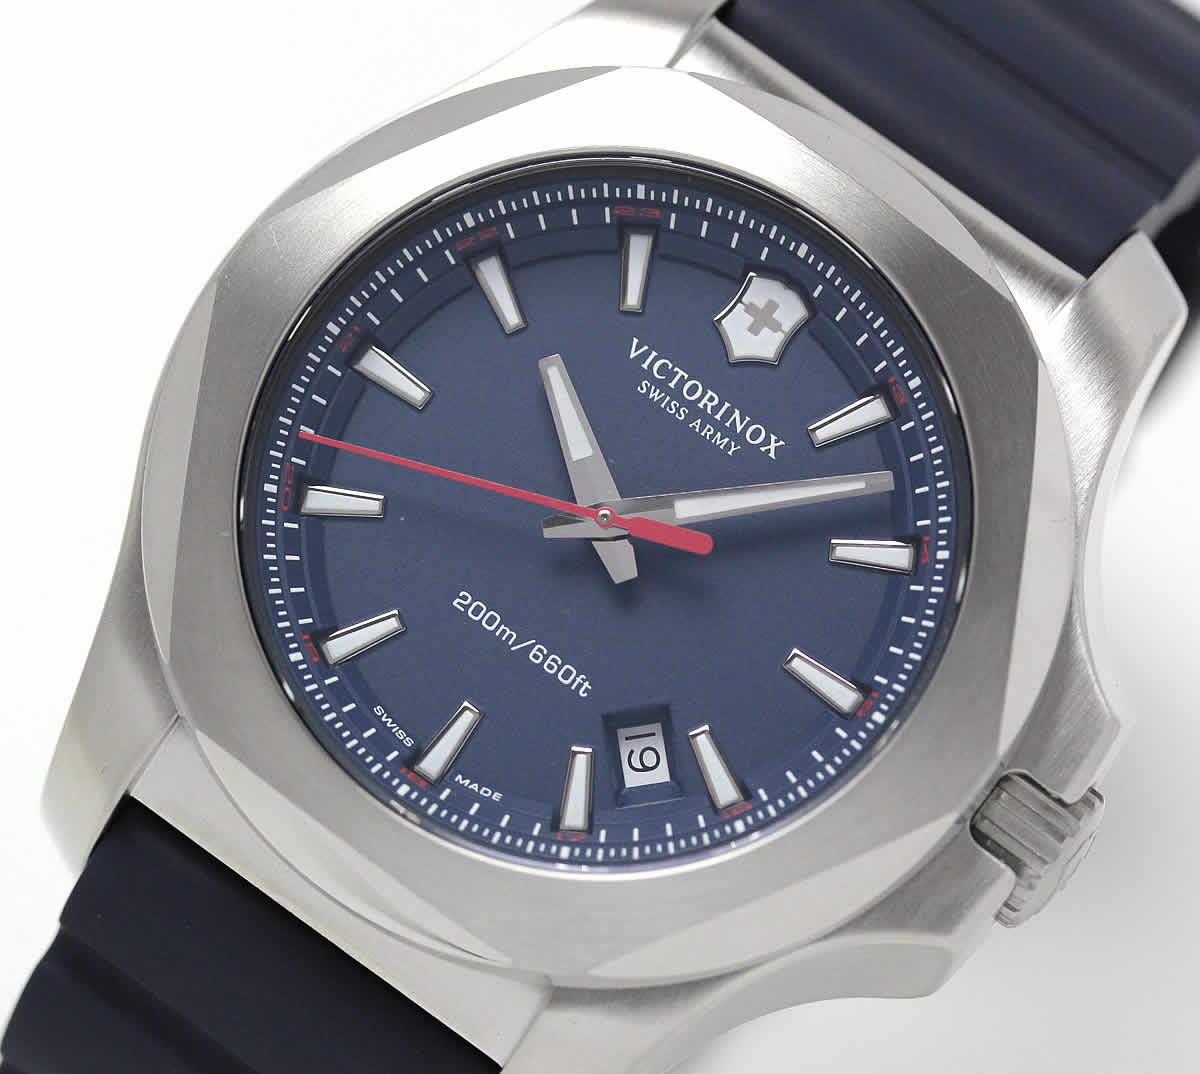 ビクトリノックス時計 スイスアーミー Inox